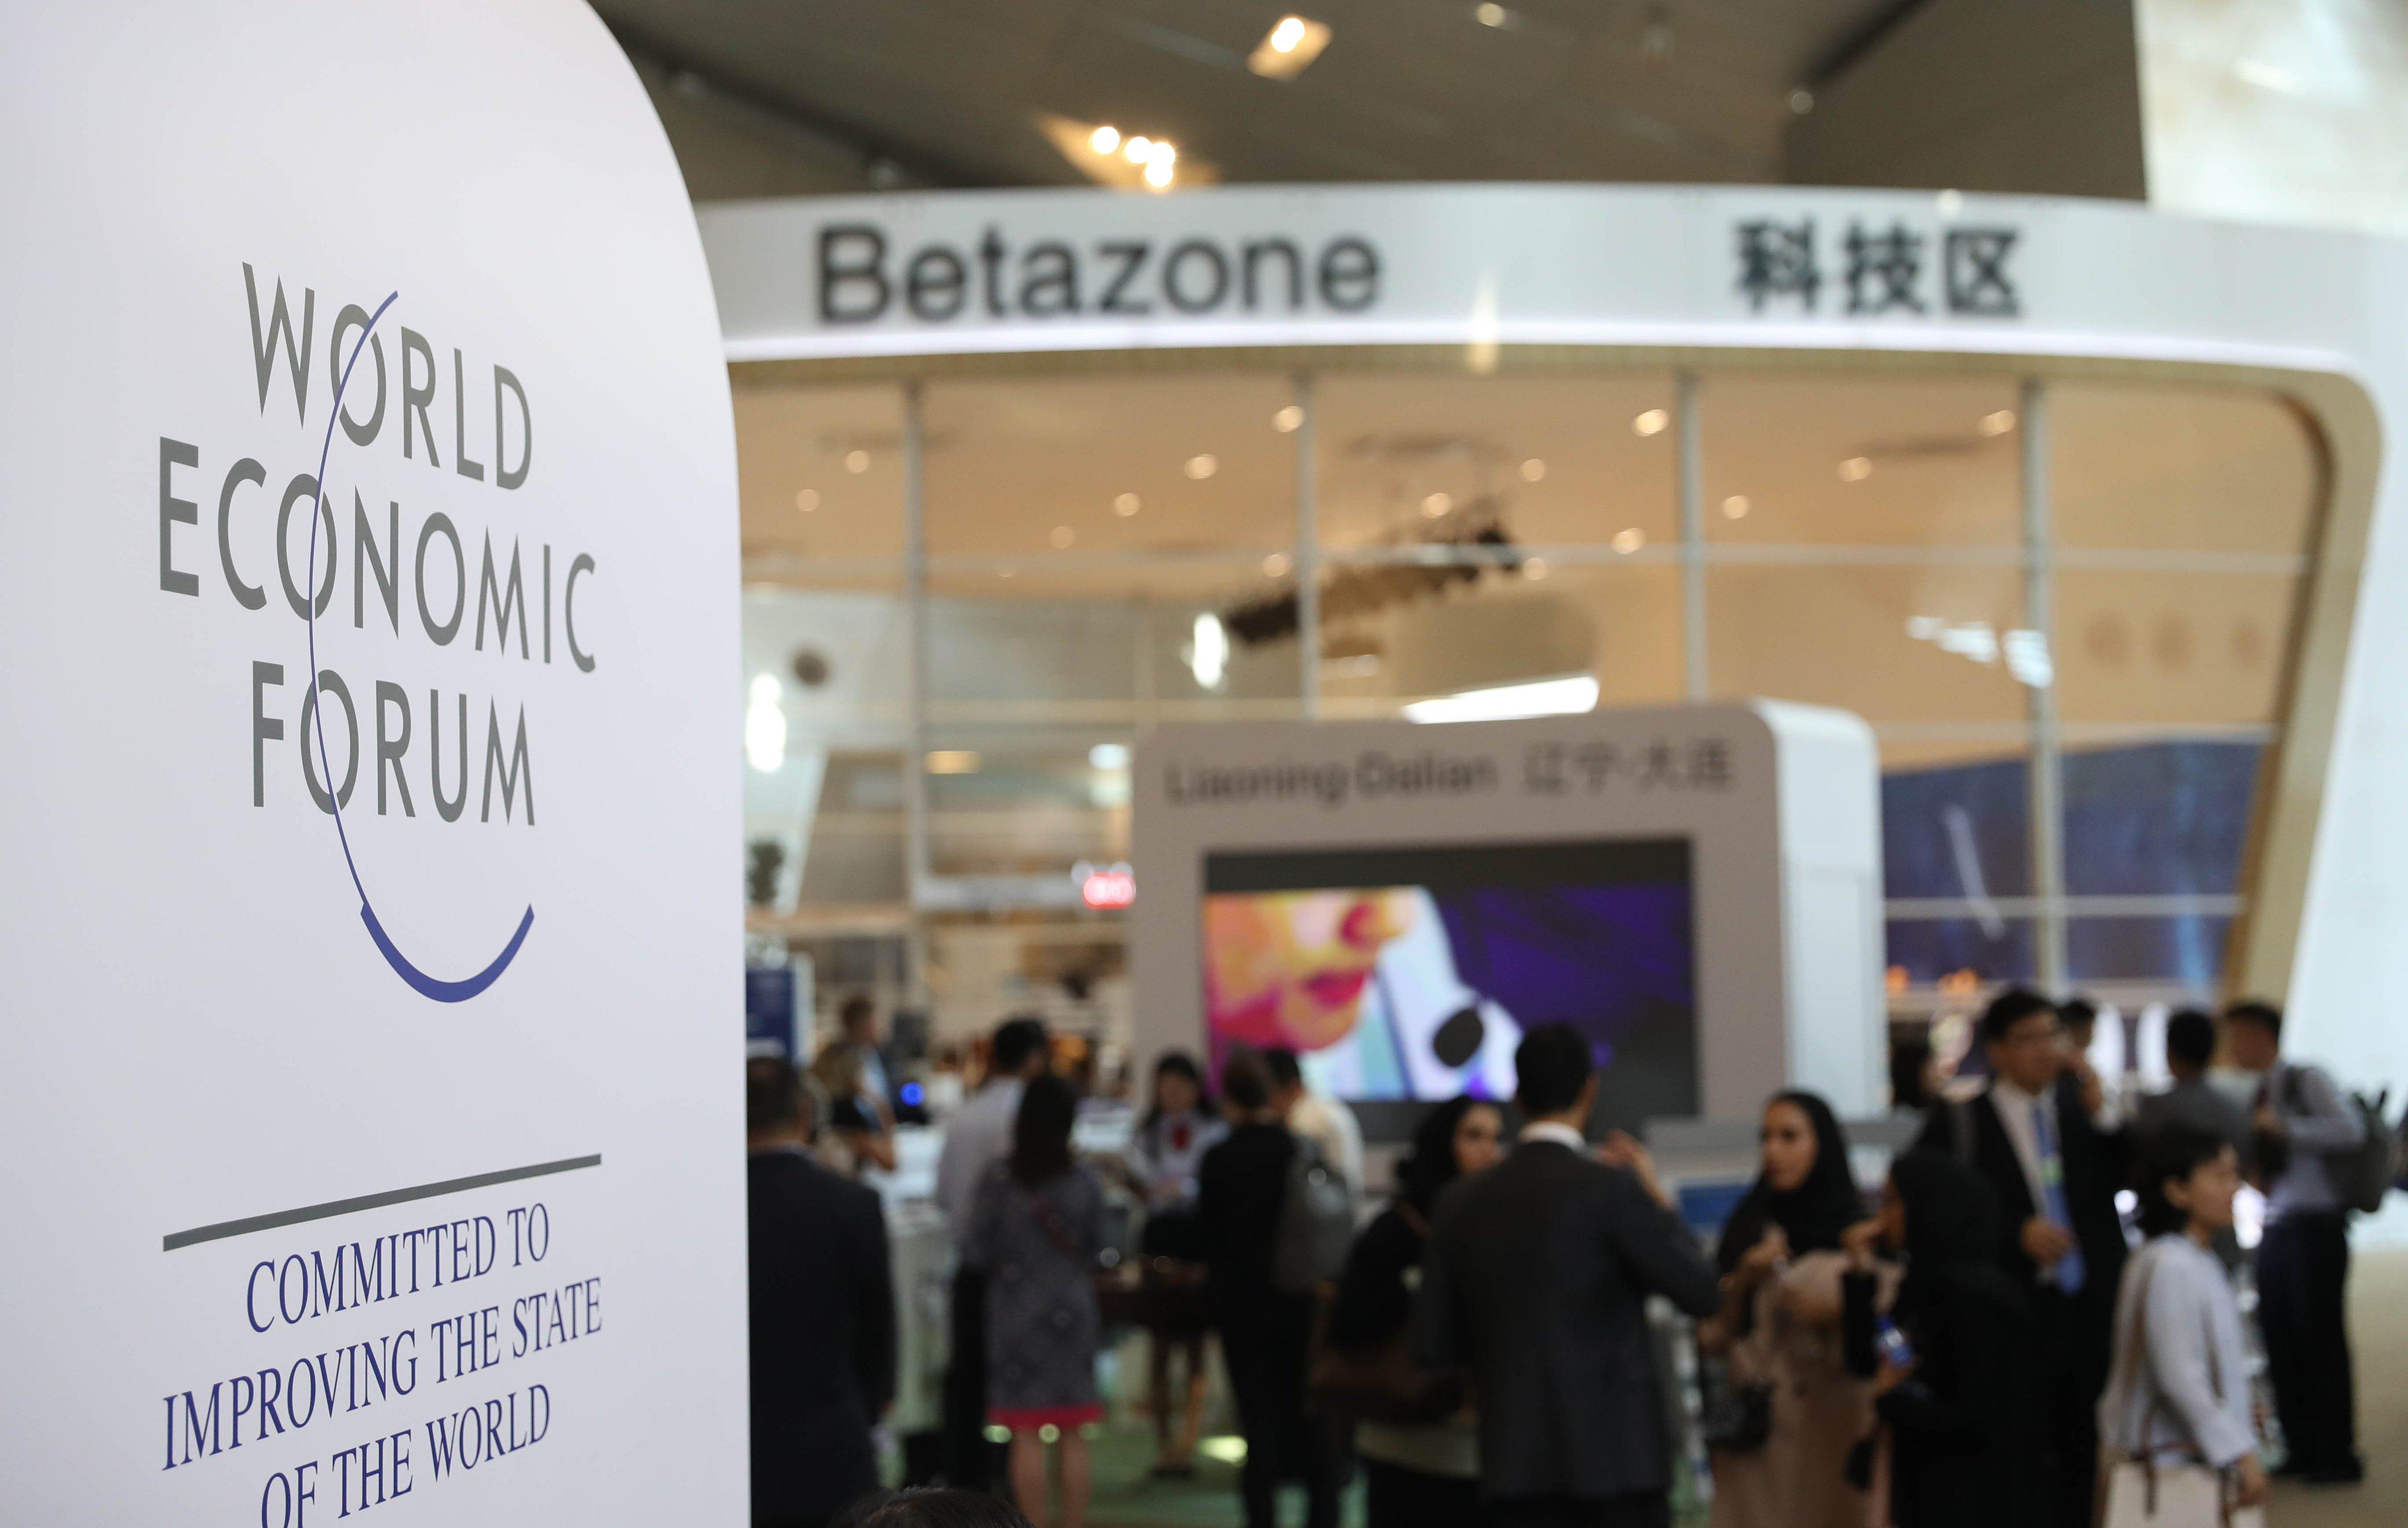 Primer ministro: China será más abierta, transparente y predecible para inversión extranjera